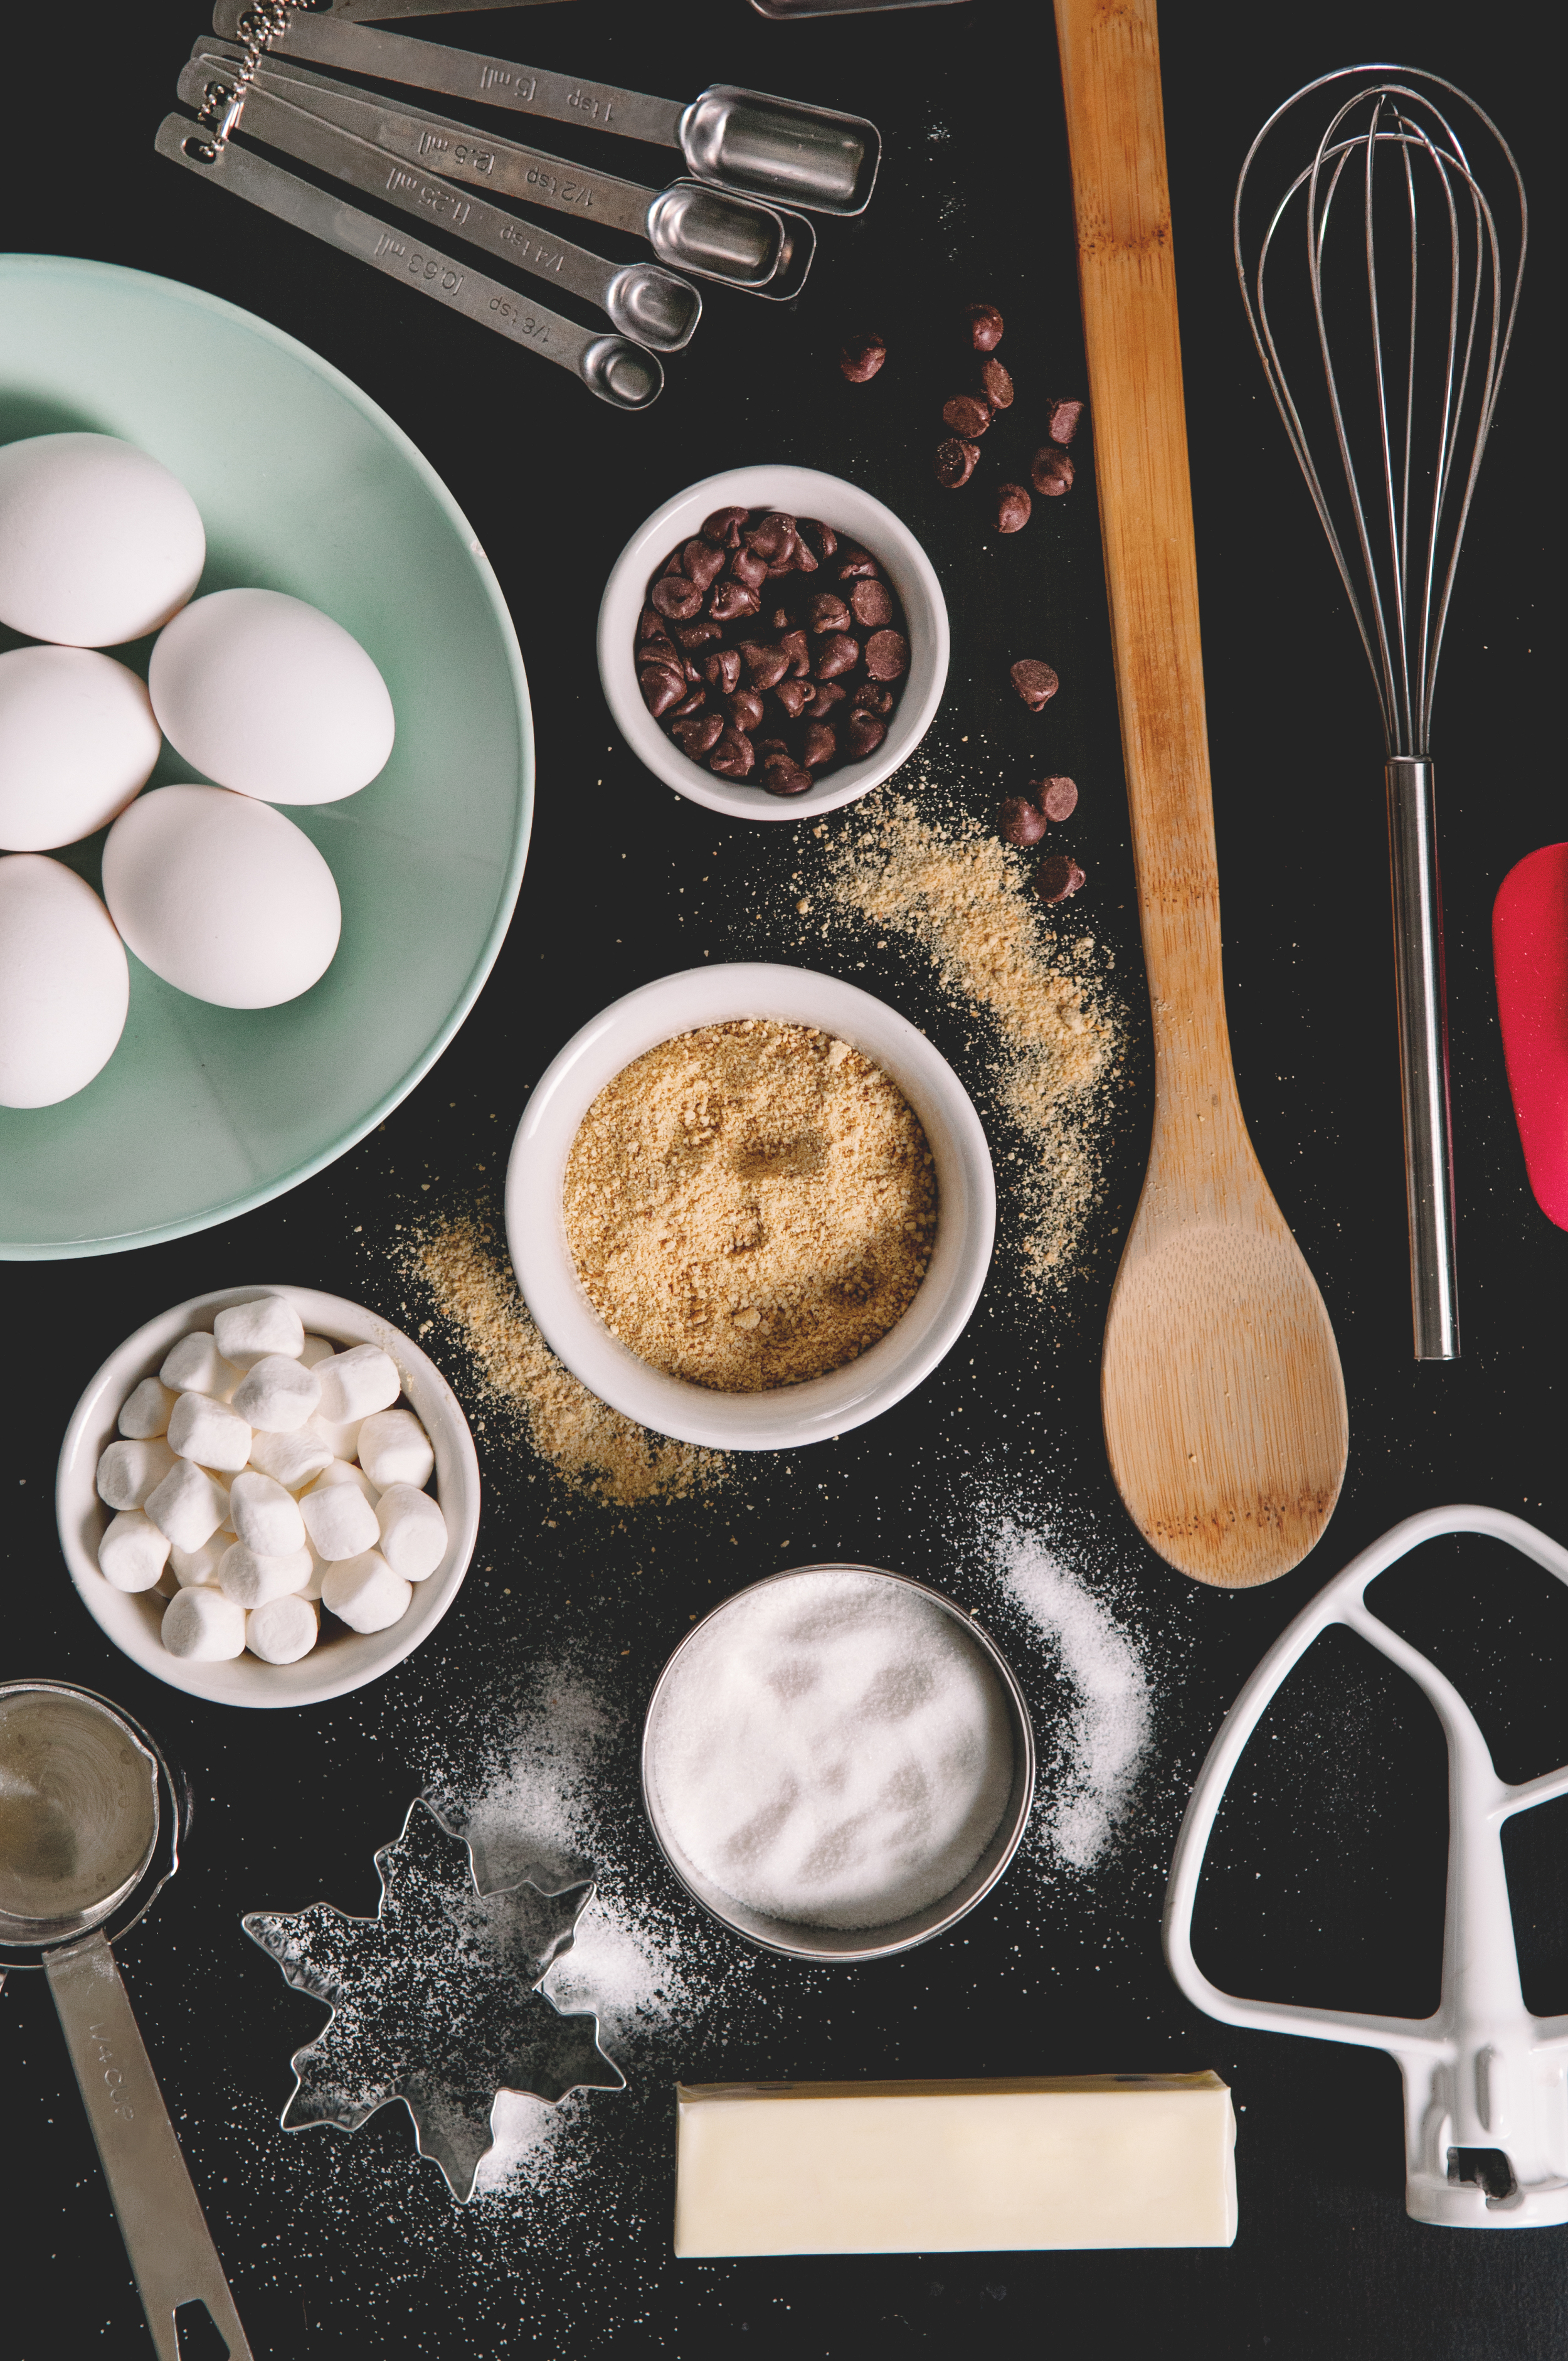 Baking Ingredients - Baltimore Food Photography